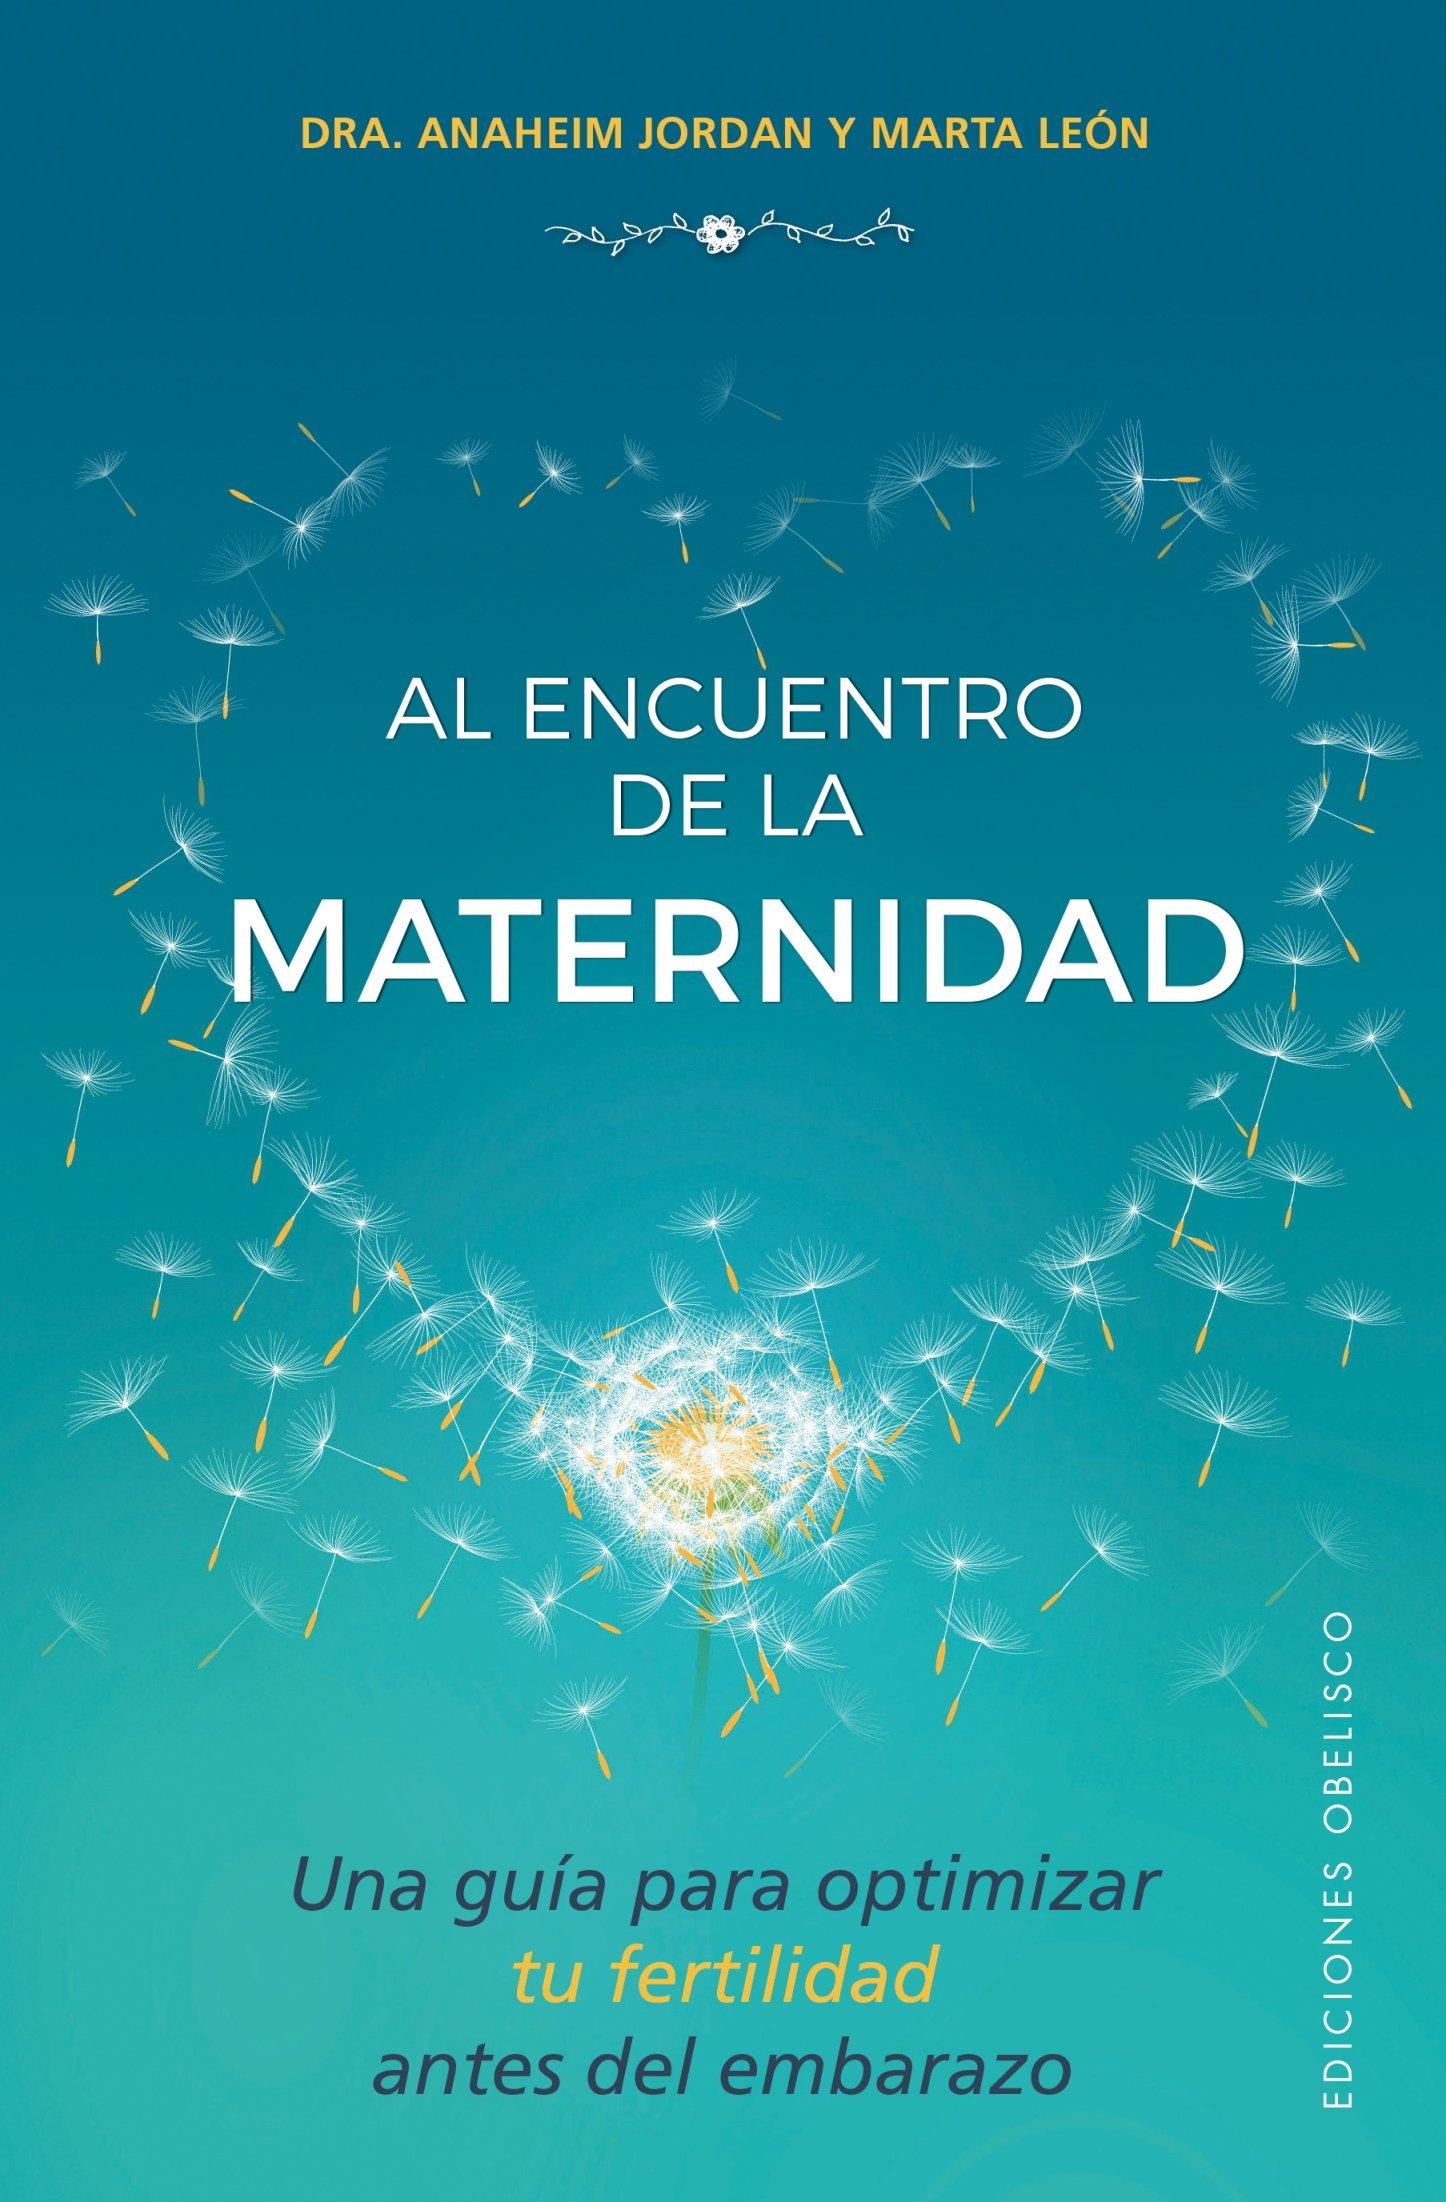 Al encuentro de la maternidad (Spanish Edition): Anaheim Jordan, Marta Leon: 9788491112570: Amazon.com: Books